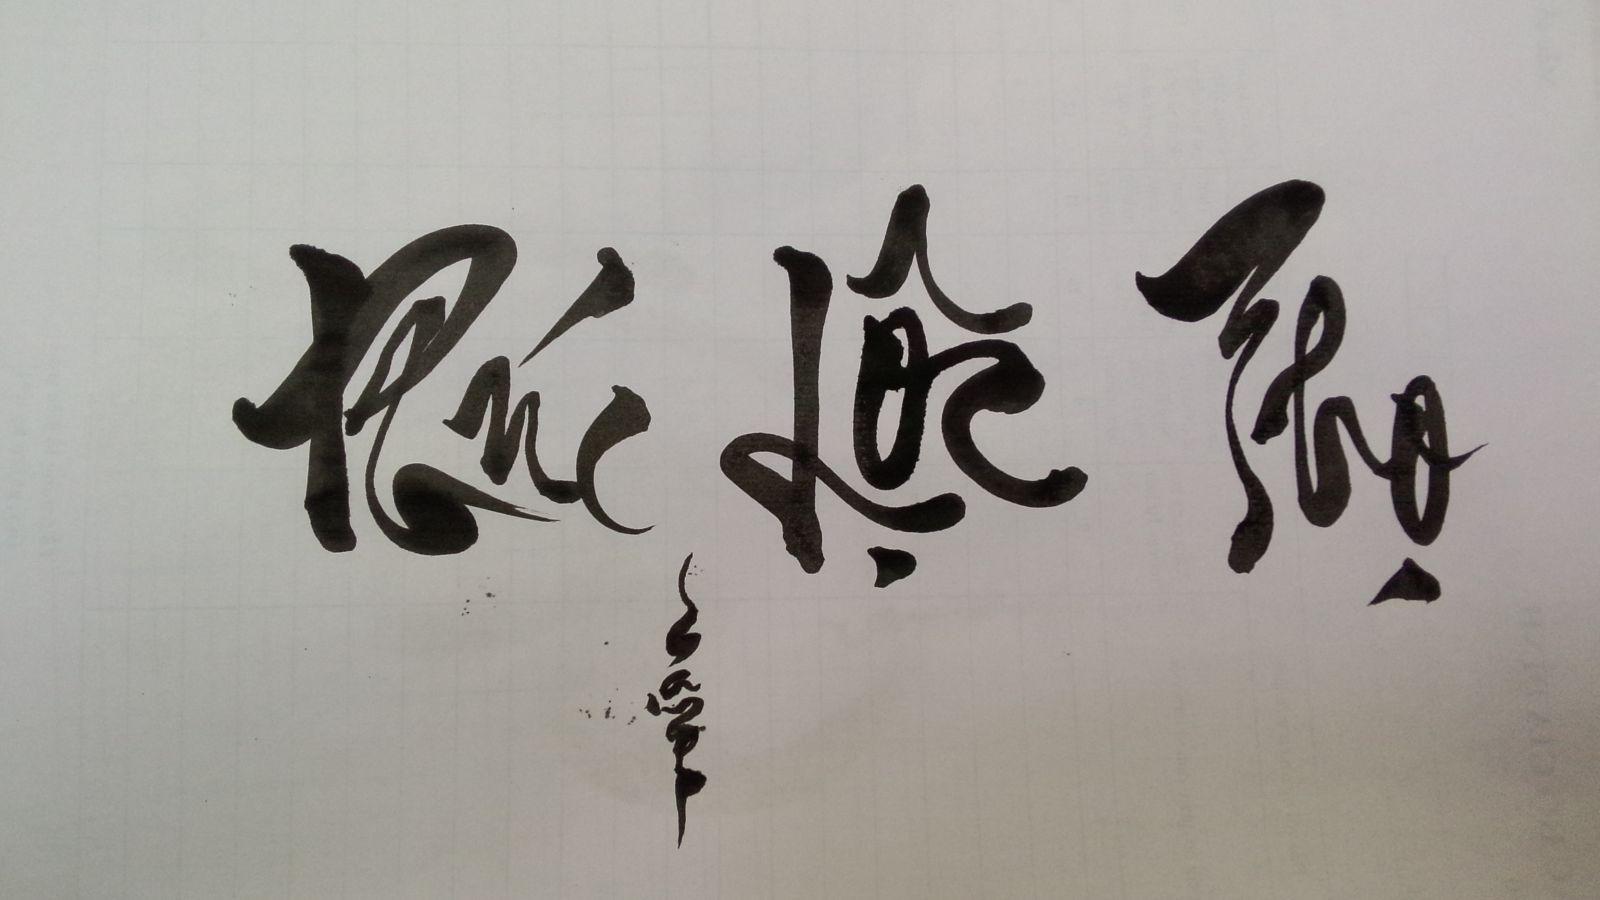 Mẫu chữ thư pháp phúc lộc thọ đẹp